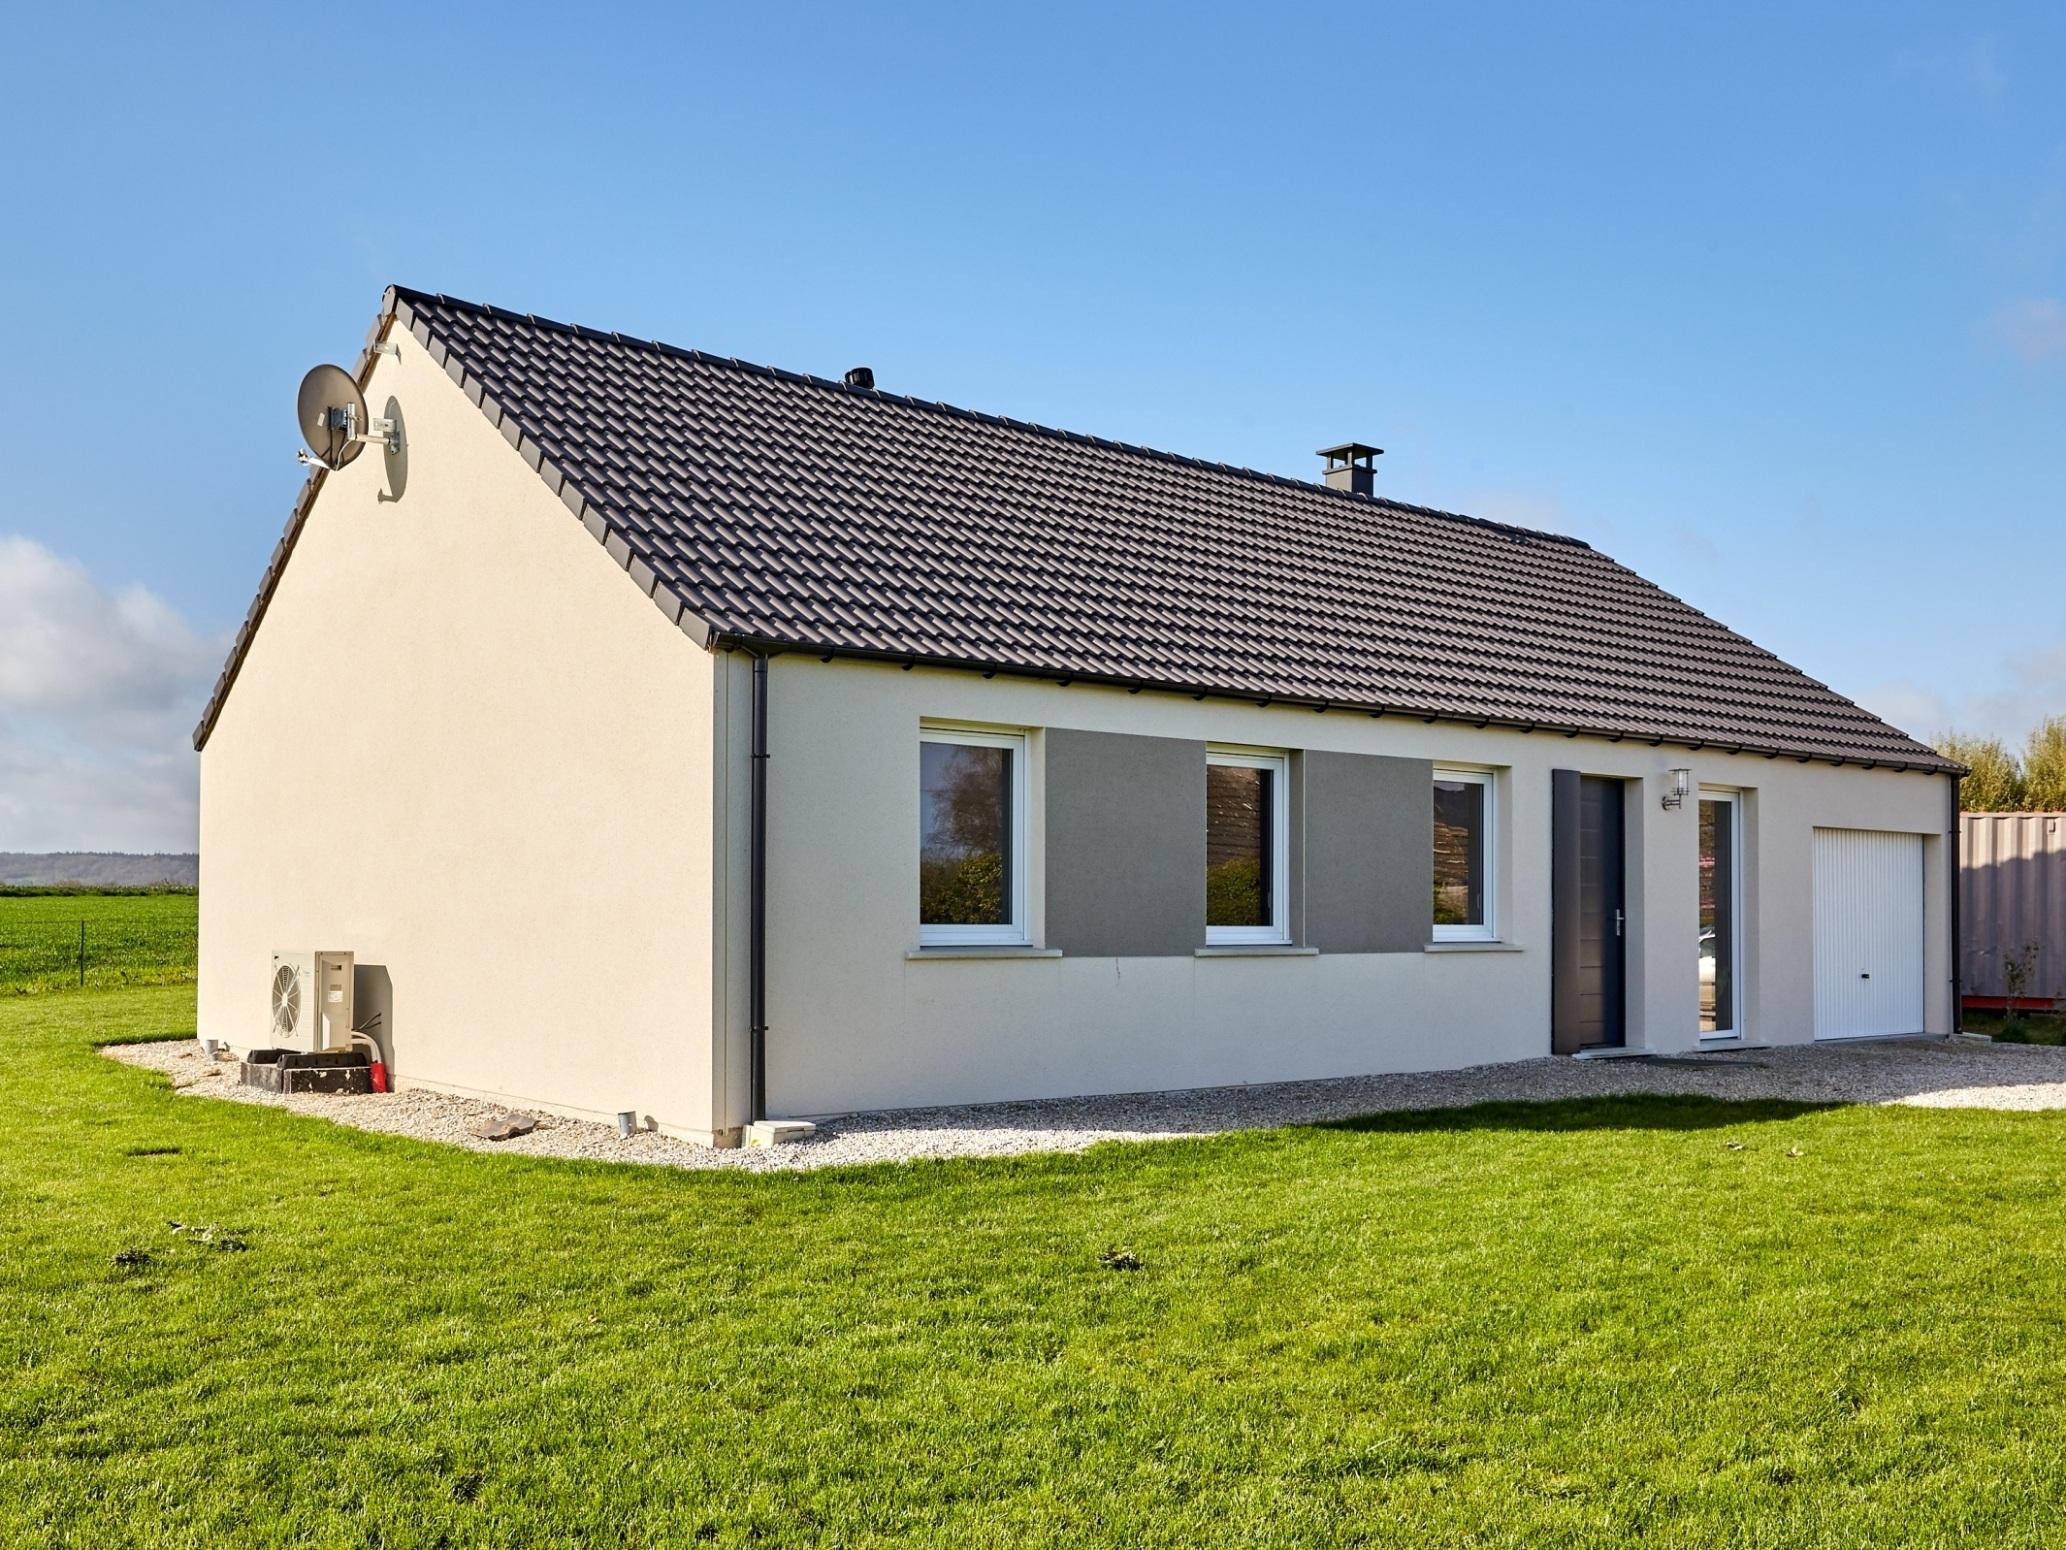 Maisons + Terrains du constructeur Maisons Phénix Le Havre • 90 m² • SAINT VIGOR D'YMONVILLE